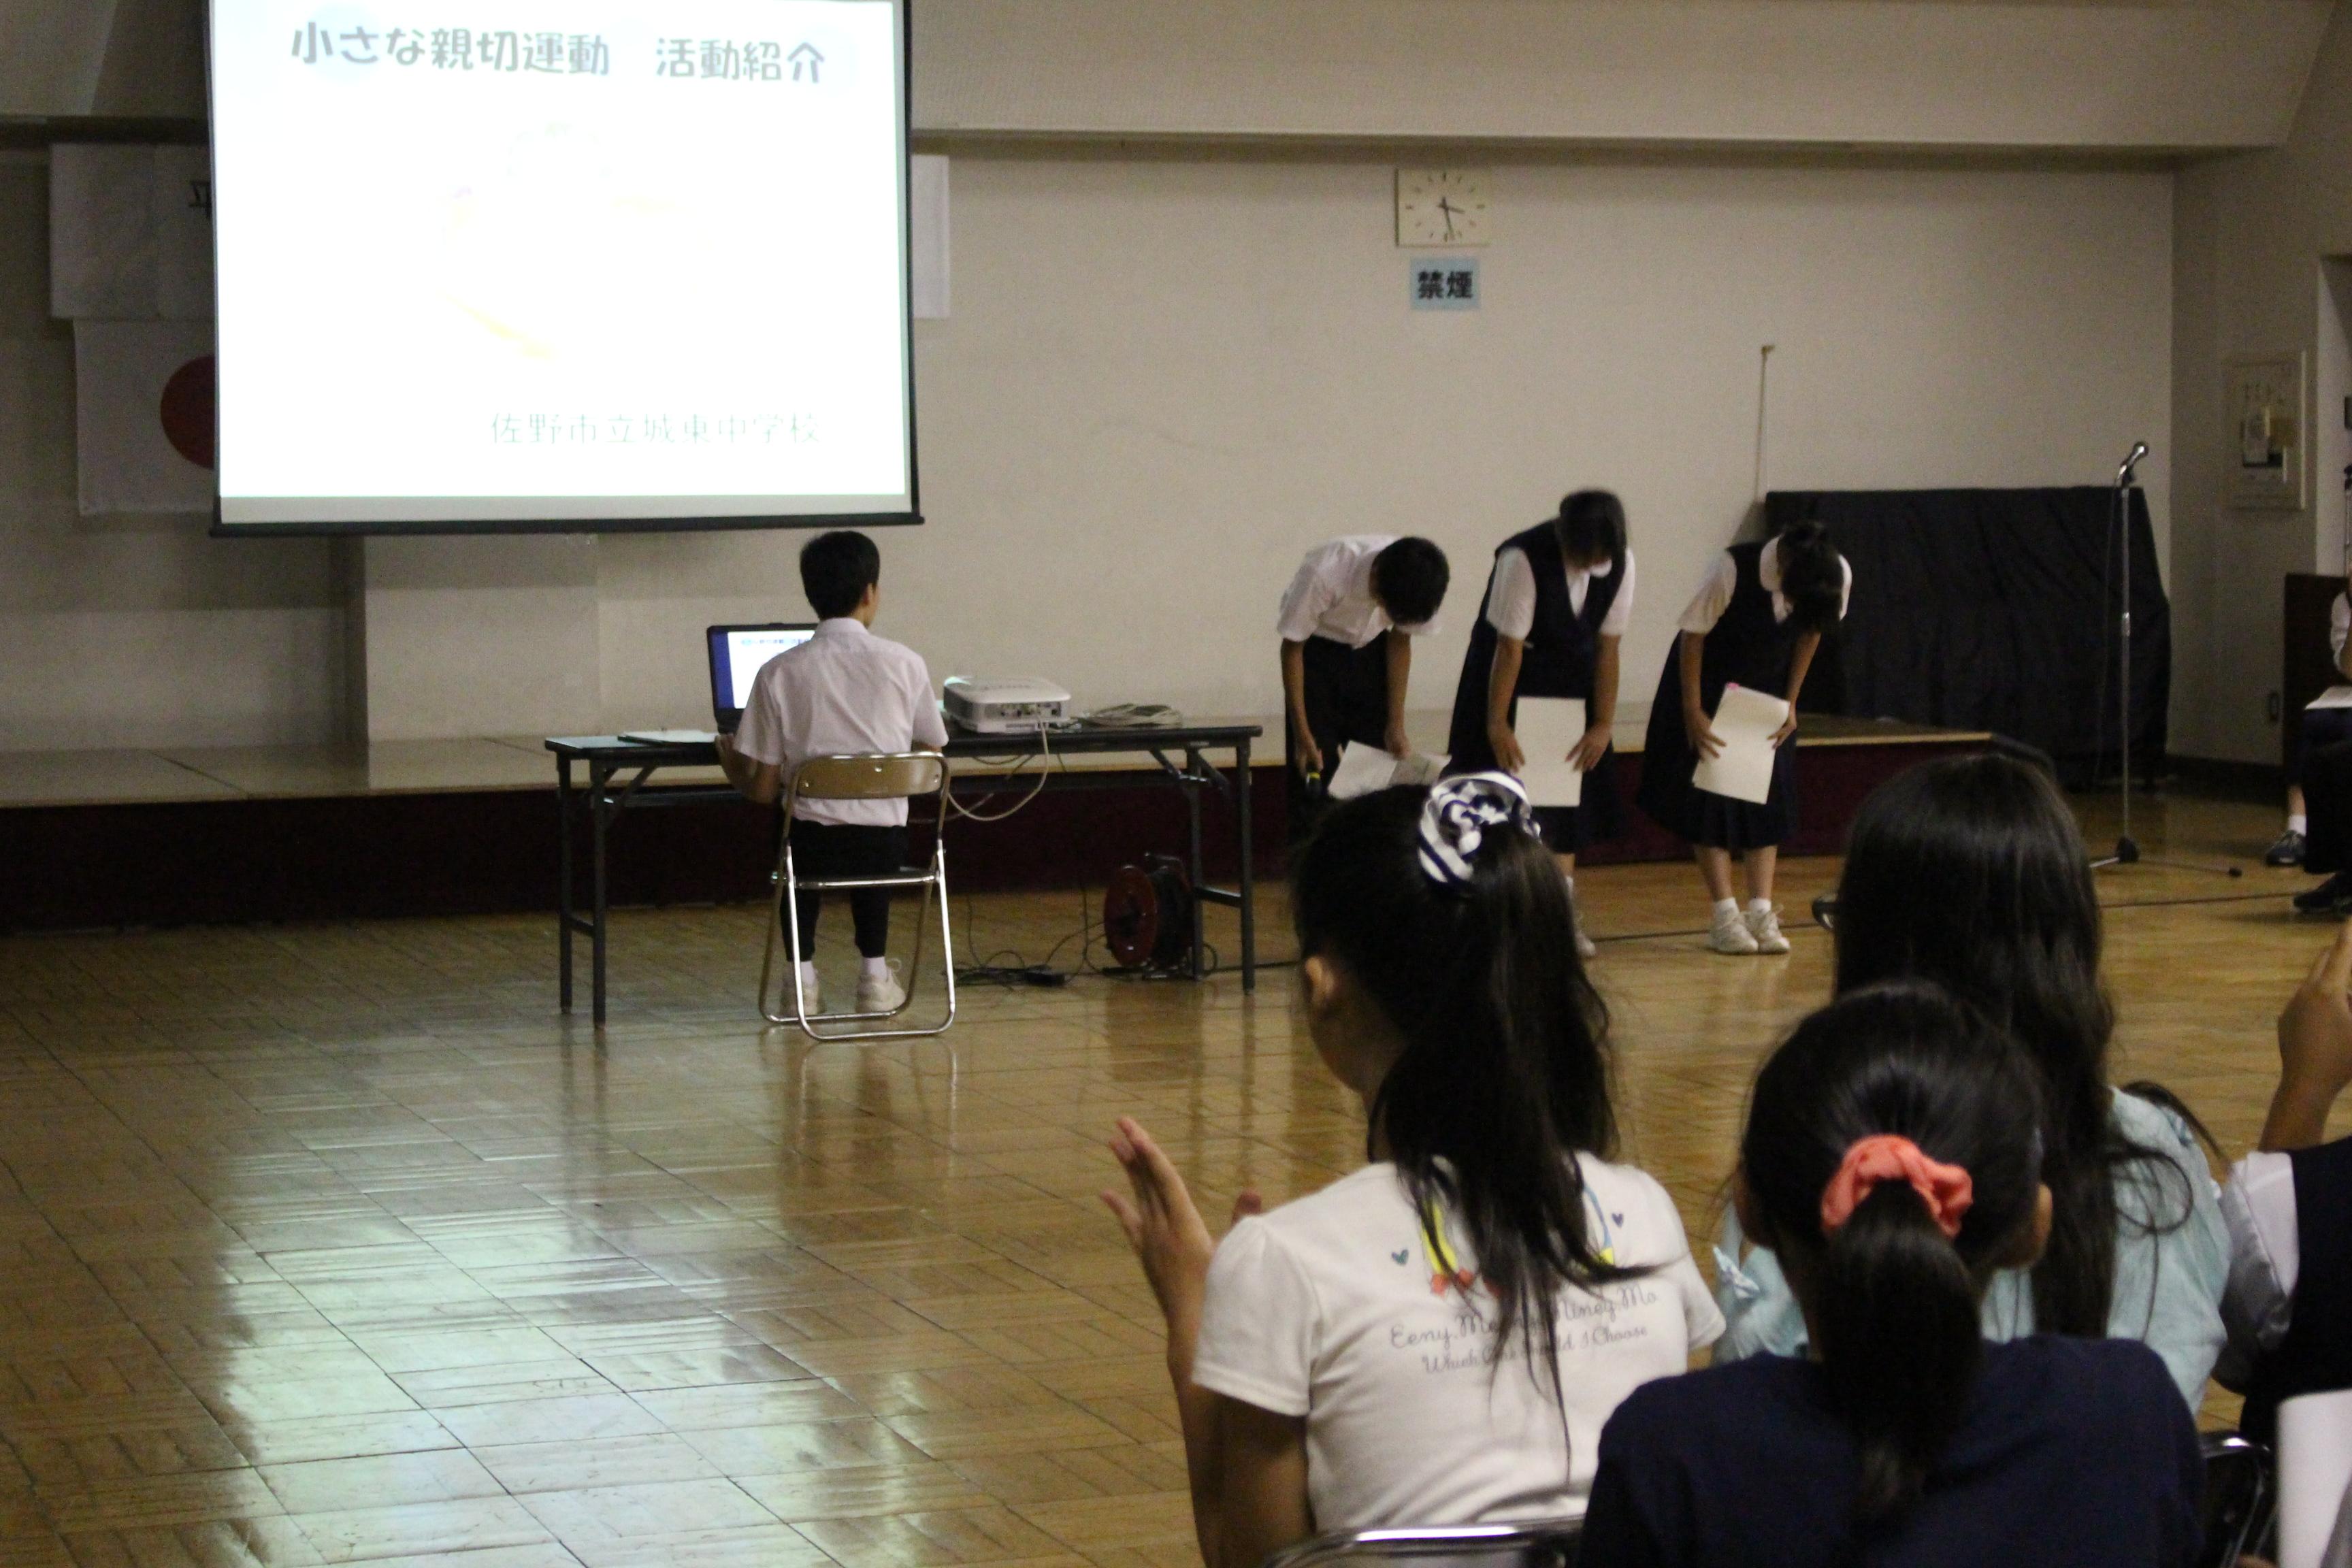 2016年8月2日(火) 佐野支部が小・中学校交歓会を開催 子どもたちによる「小さな親切」の活動発表